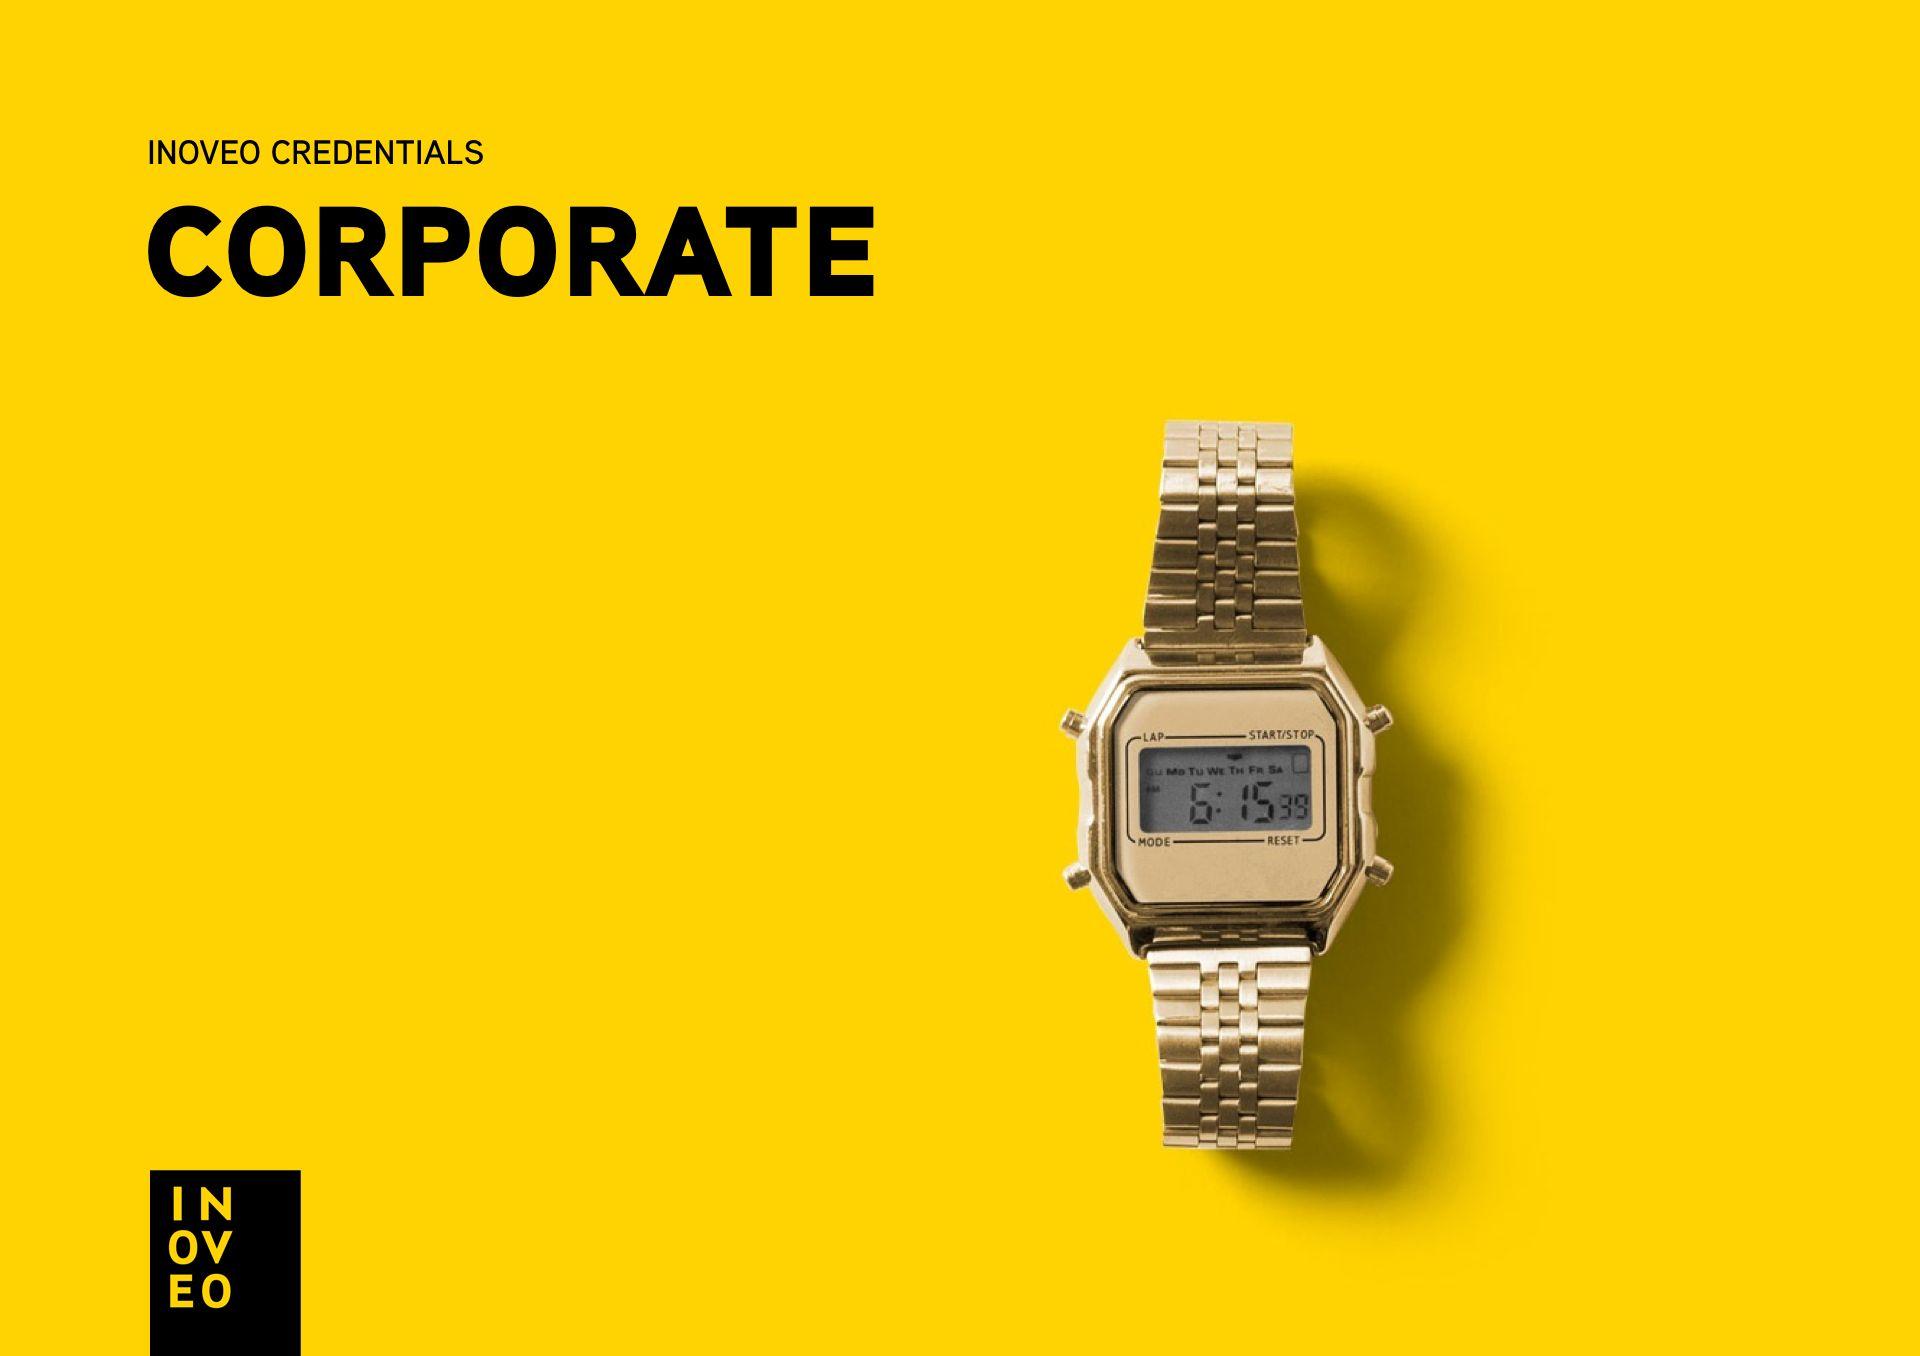 corporate credentials INOVEO branding